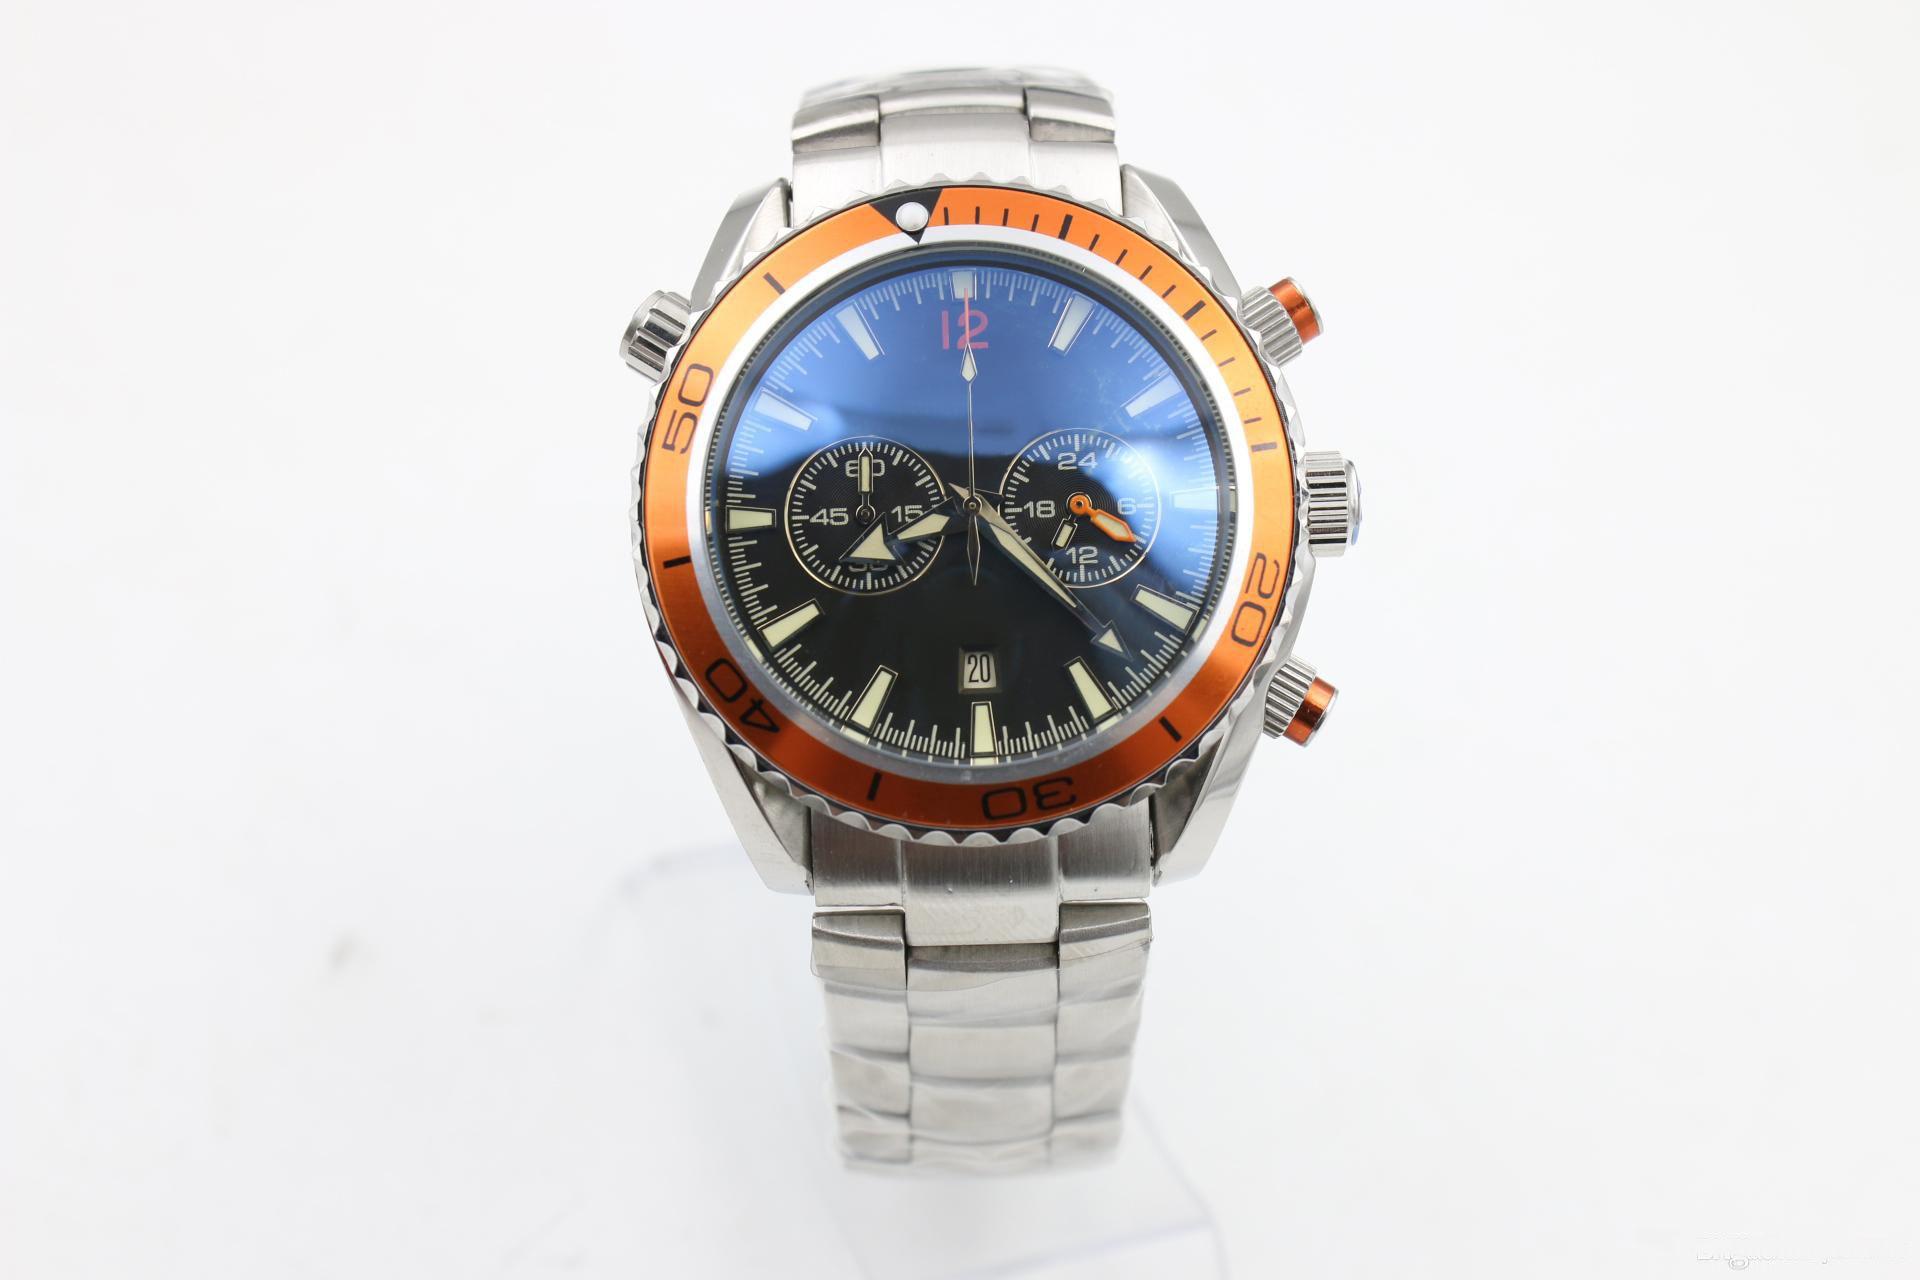 Montre en acier chronographe hommes chronomètre lunette professionnelle orange waches planète Co-Axial maître océan montres hommes Montres-bracelets